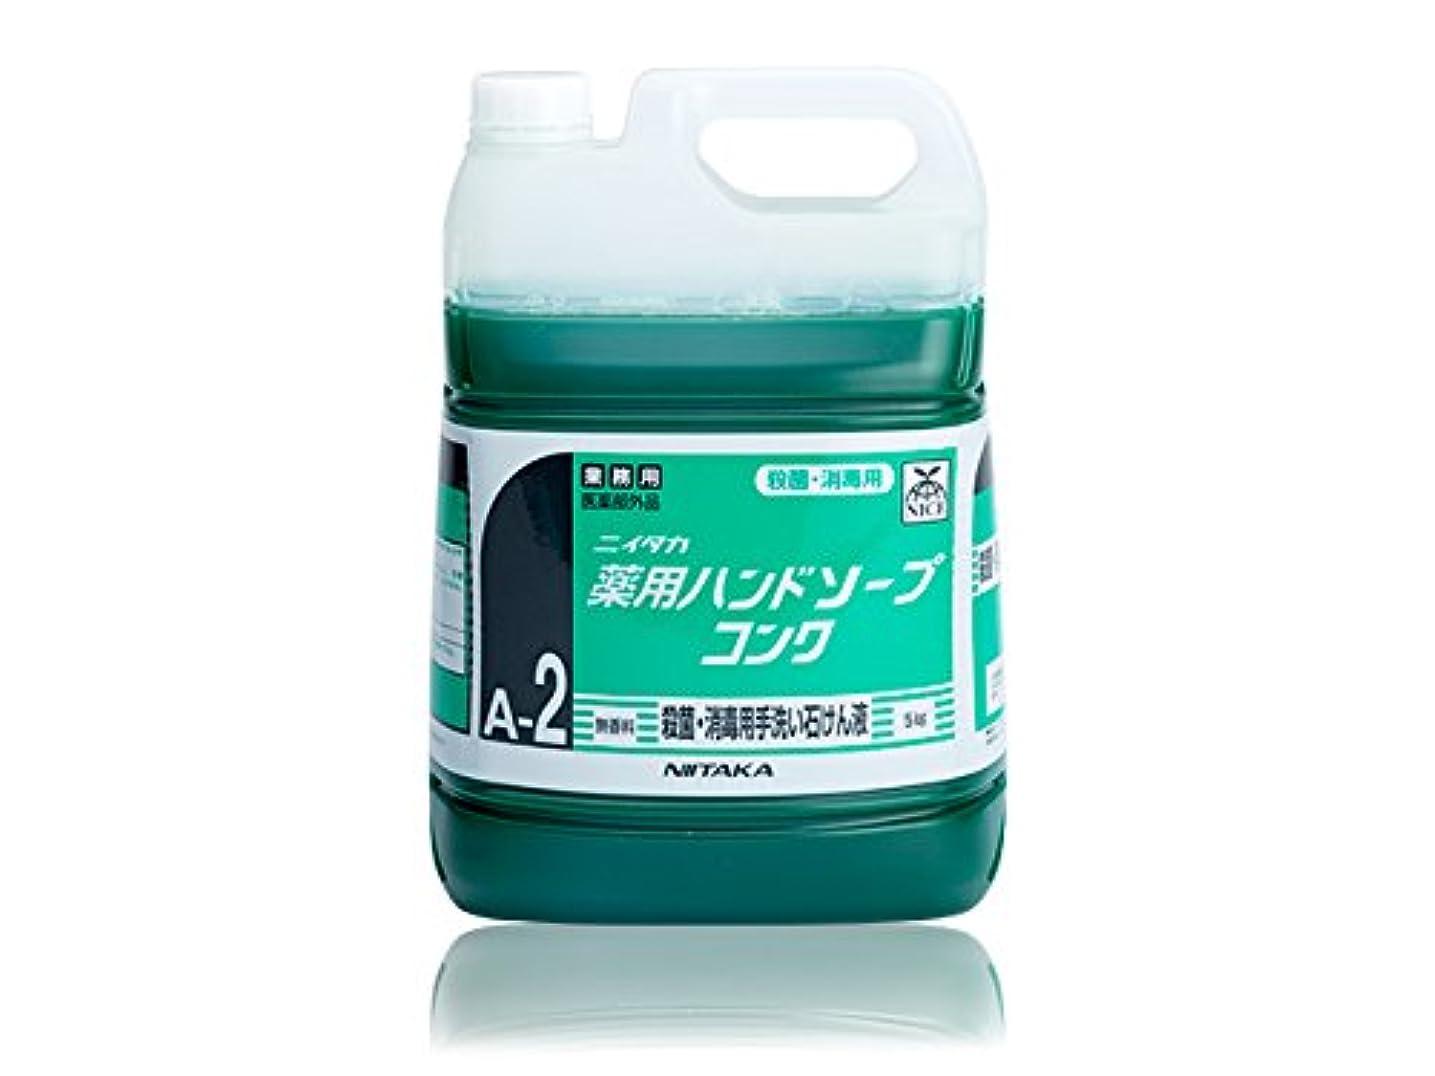 睡眠無心花束無香料 殺菌?消毒用手洗い石けん液 ニイタカ 薬用ハンドソープコンク 5KX3本